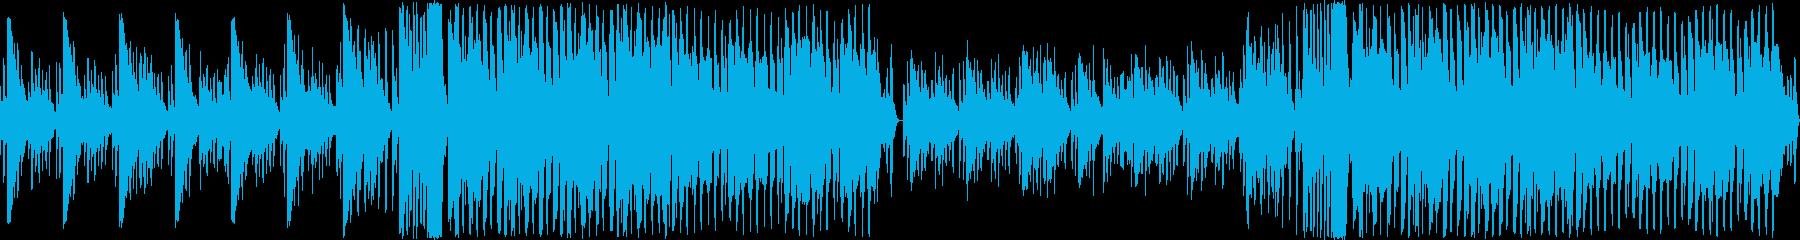 和風 EDMの再生済みの波形